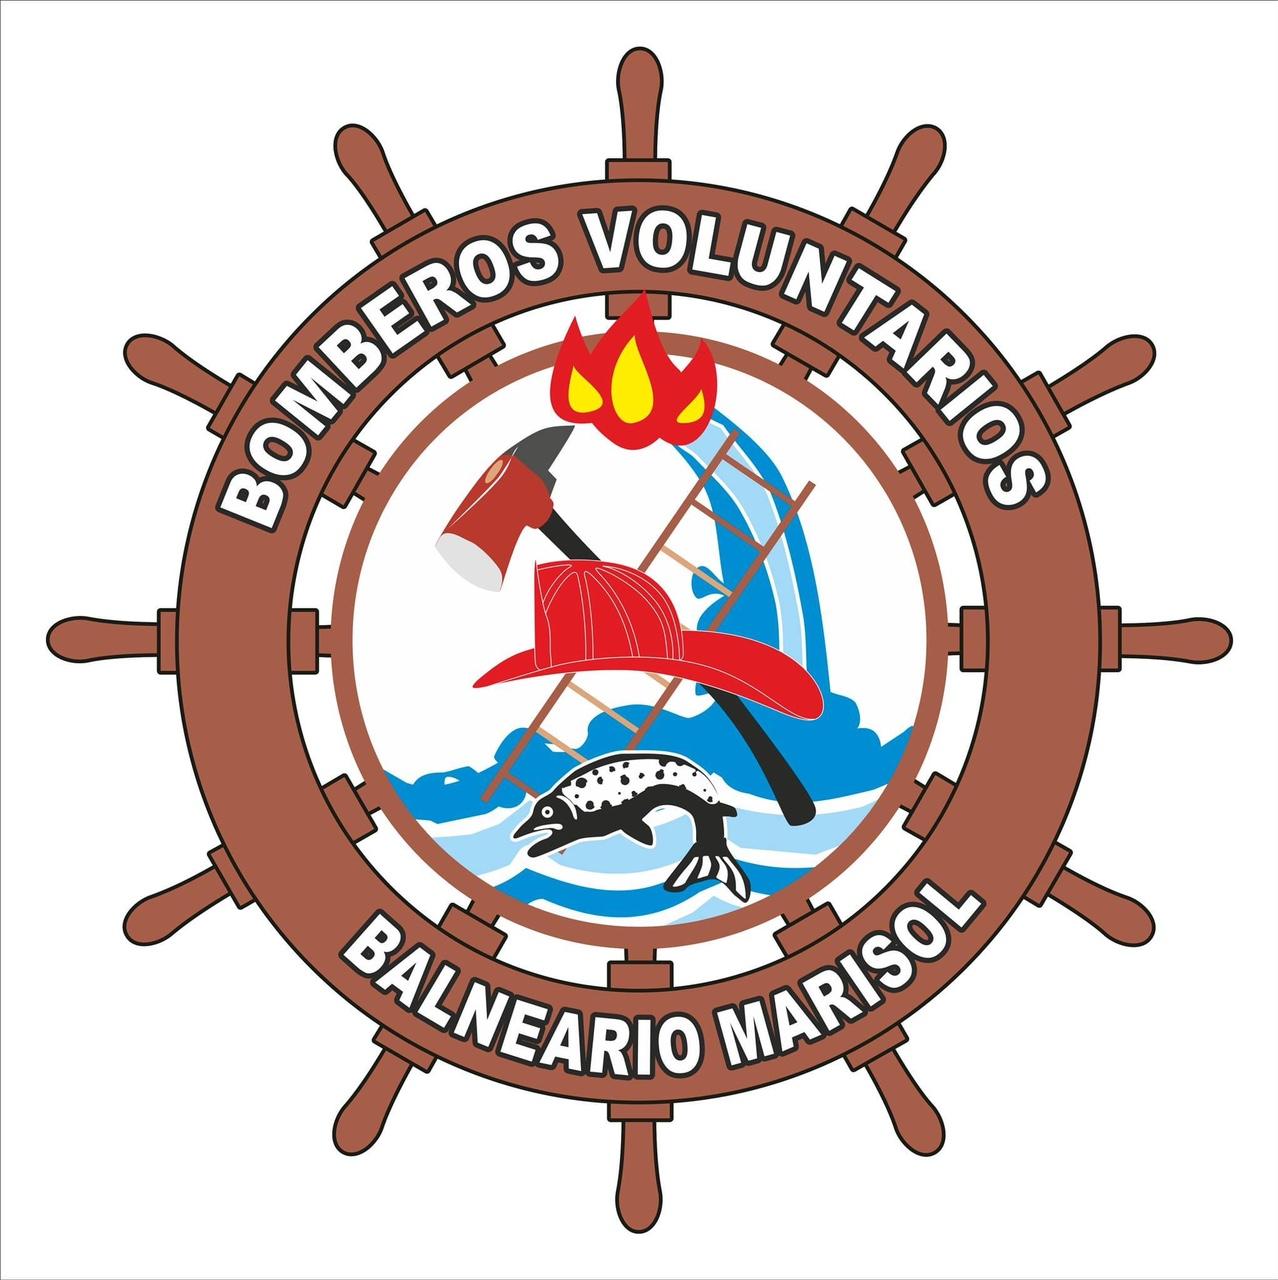 La Asociación Bomberos Voluntarios de Marisol convoca a Asamblea General Ordinaria